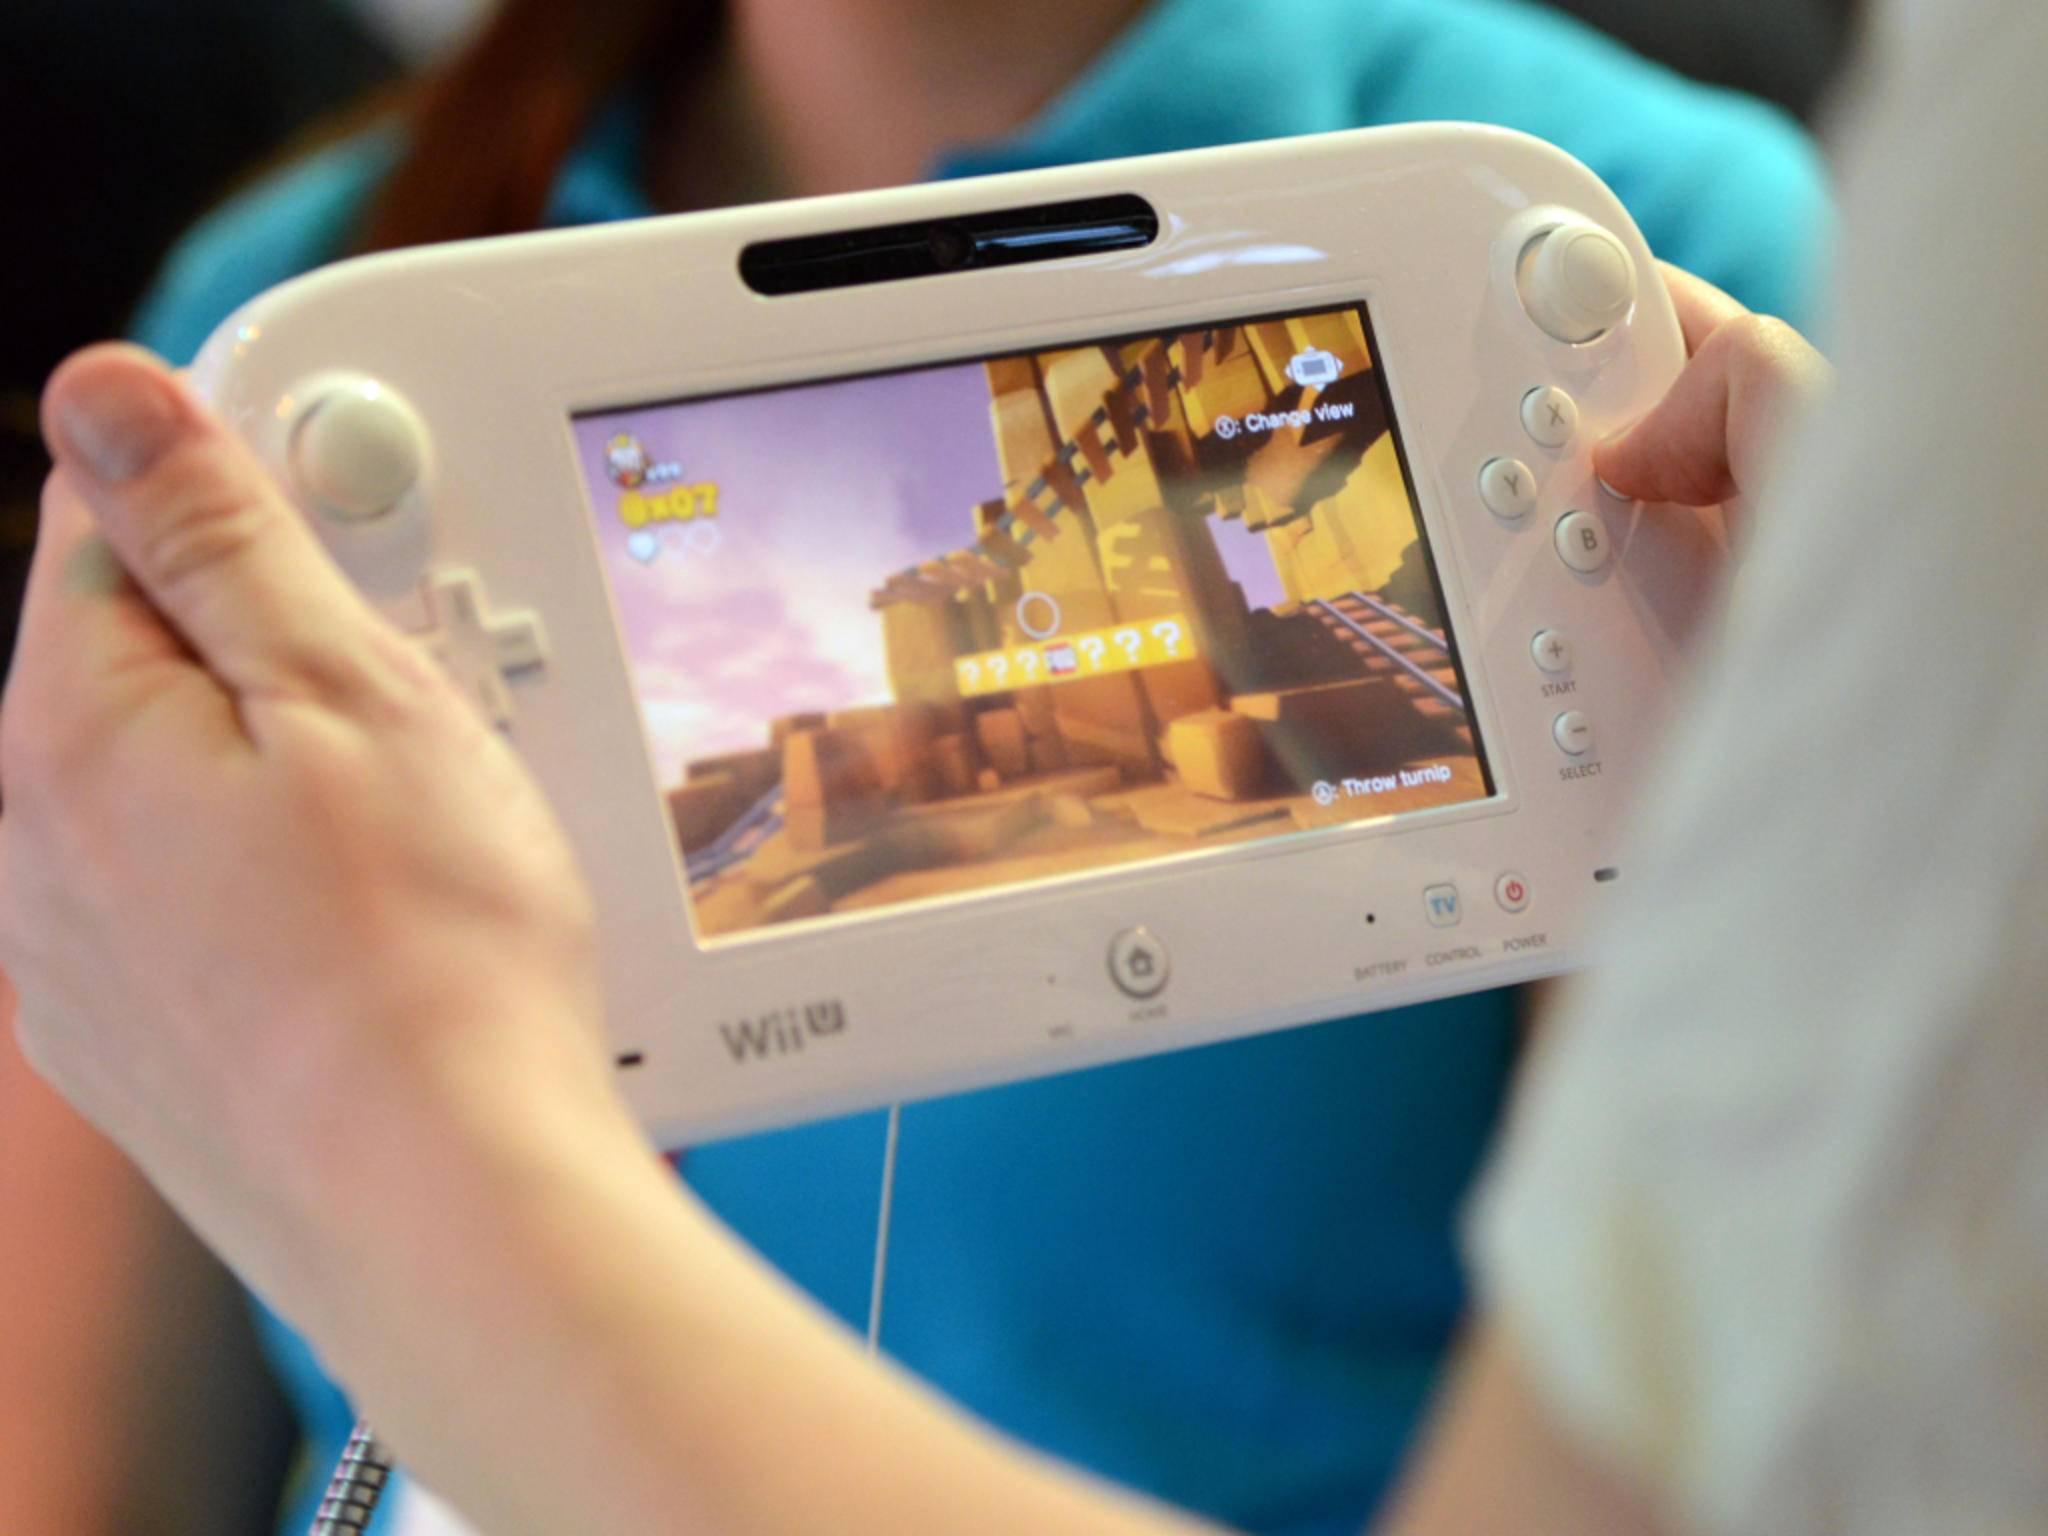 Wii U-Games werden auf der Switch wohl nicht funktionieren.